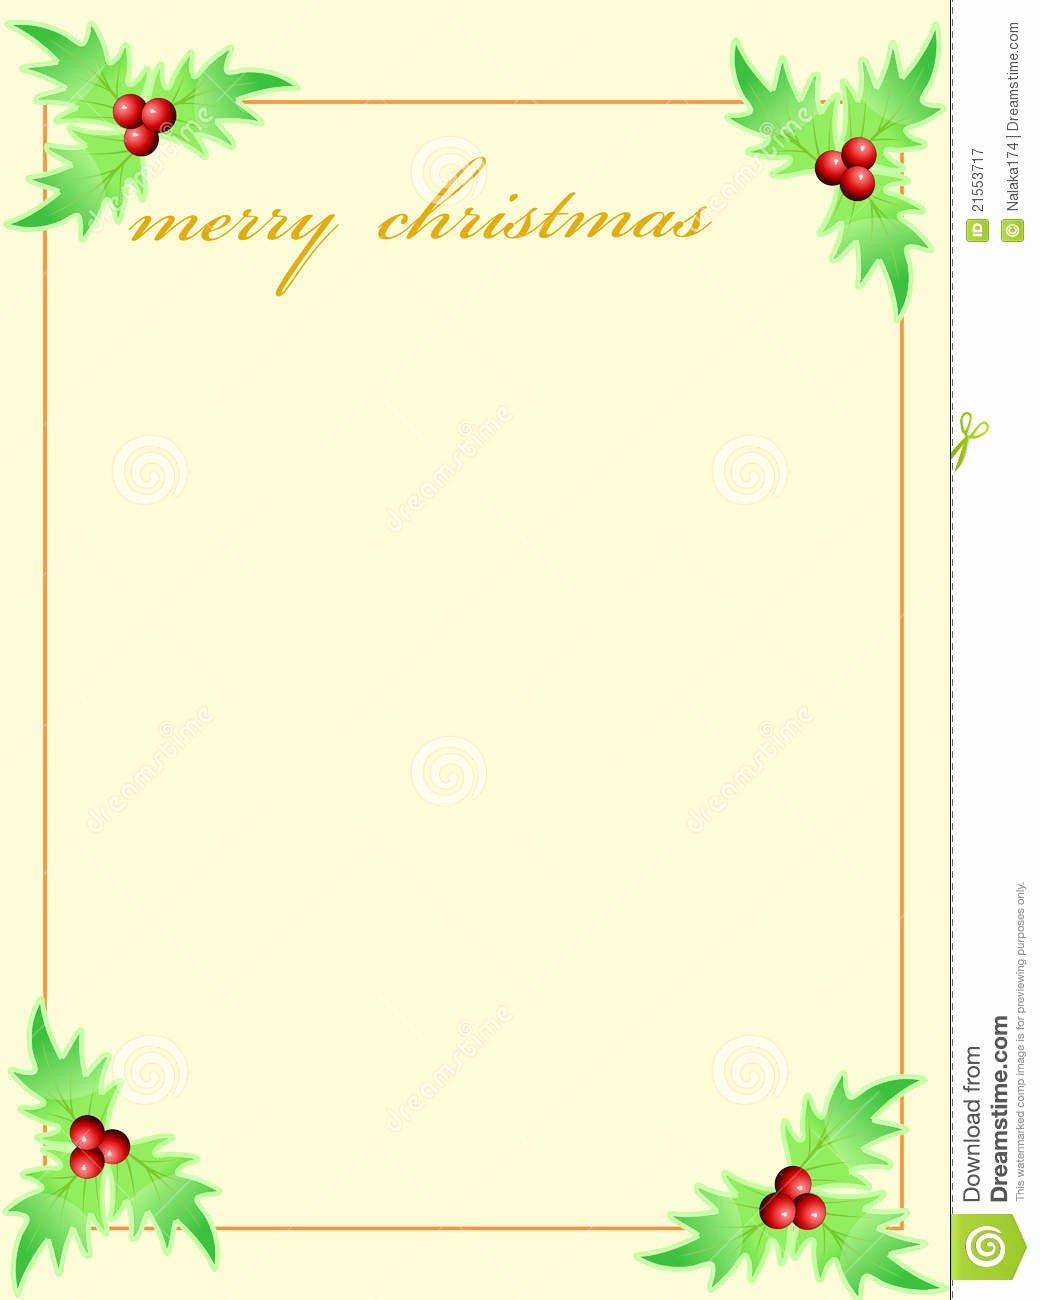 Blank Christmas Invitation Template – Fun for Christmas